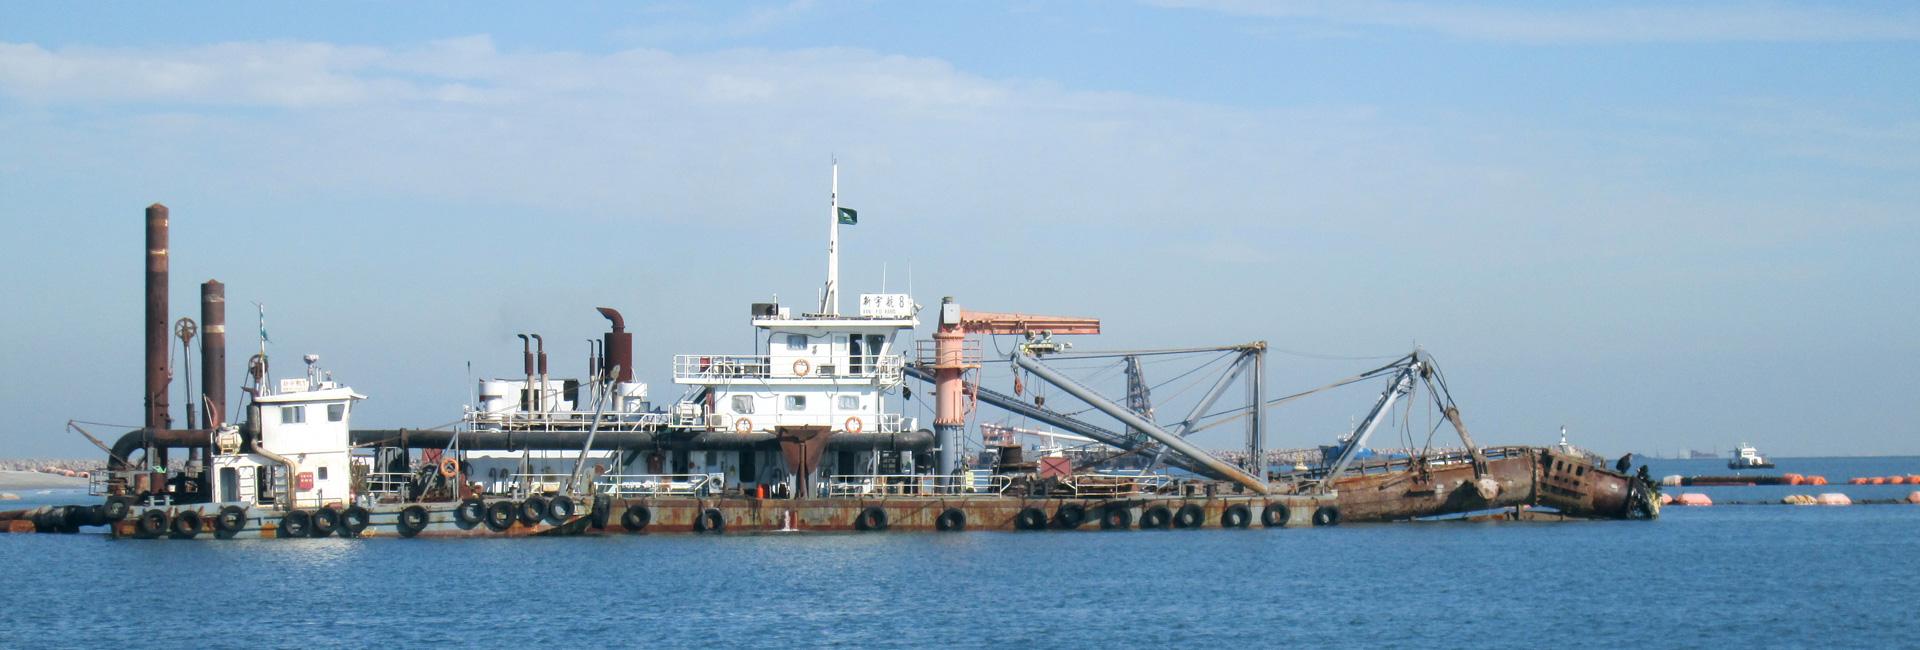 核電 船舶 油壓機 工程機械系列